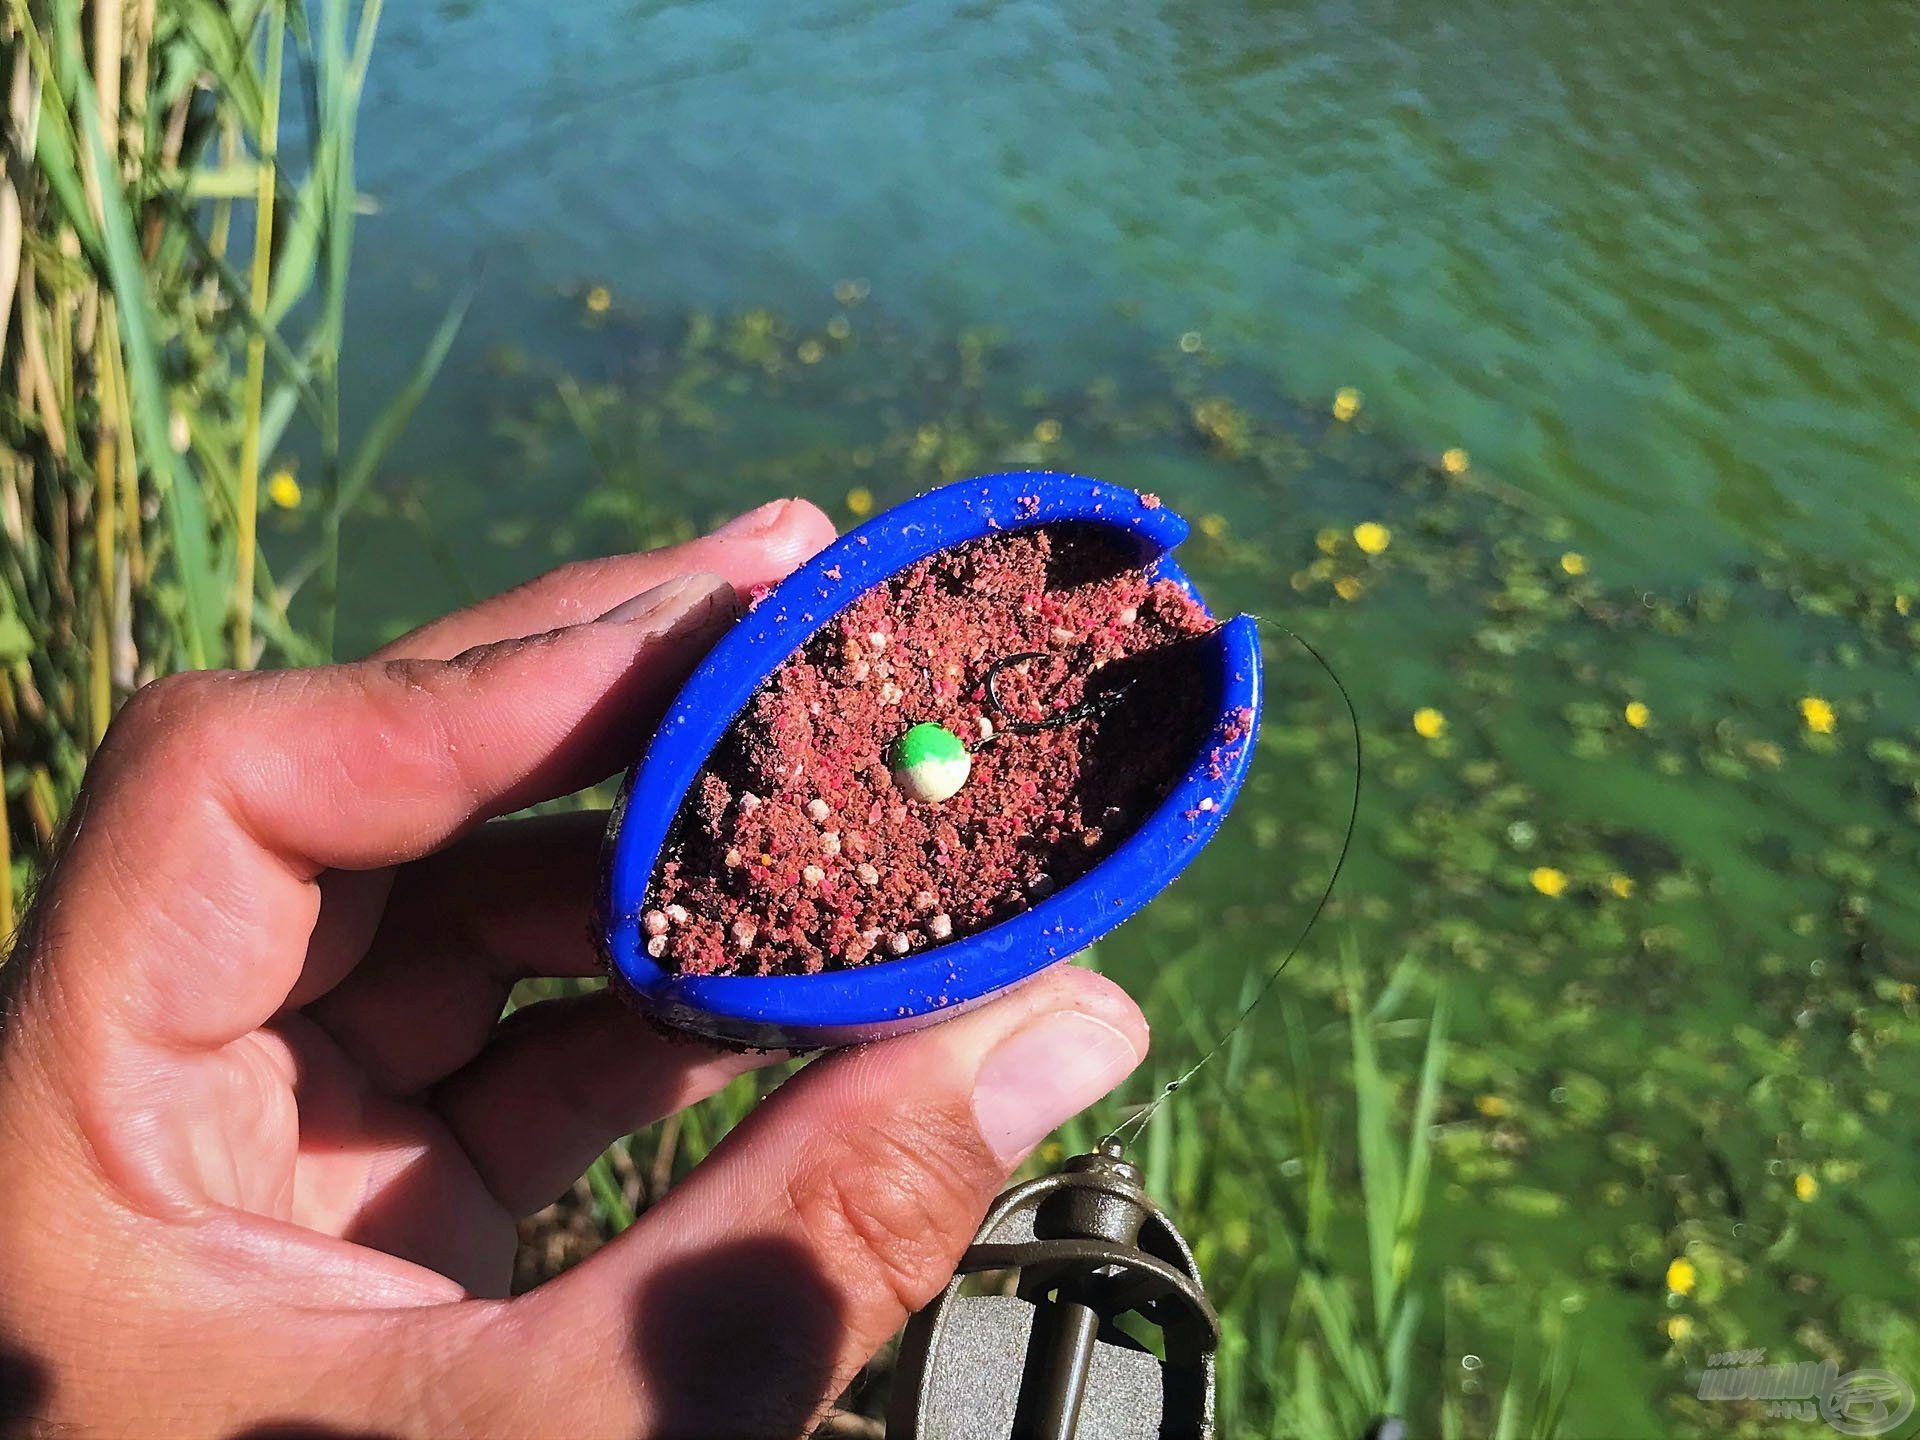 Növényekkel tarkított horgászhelyen a csalit nem a kosár tetejére, hanem a gombóc belsejébe érdemes tenni